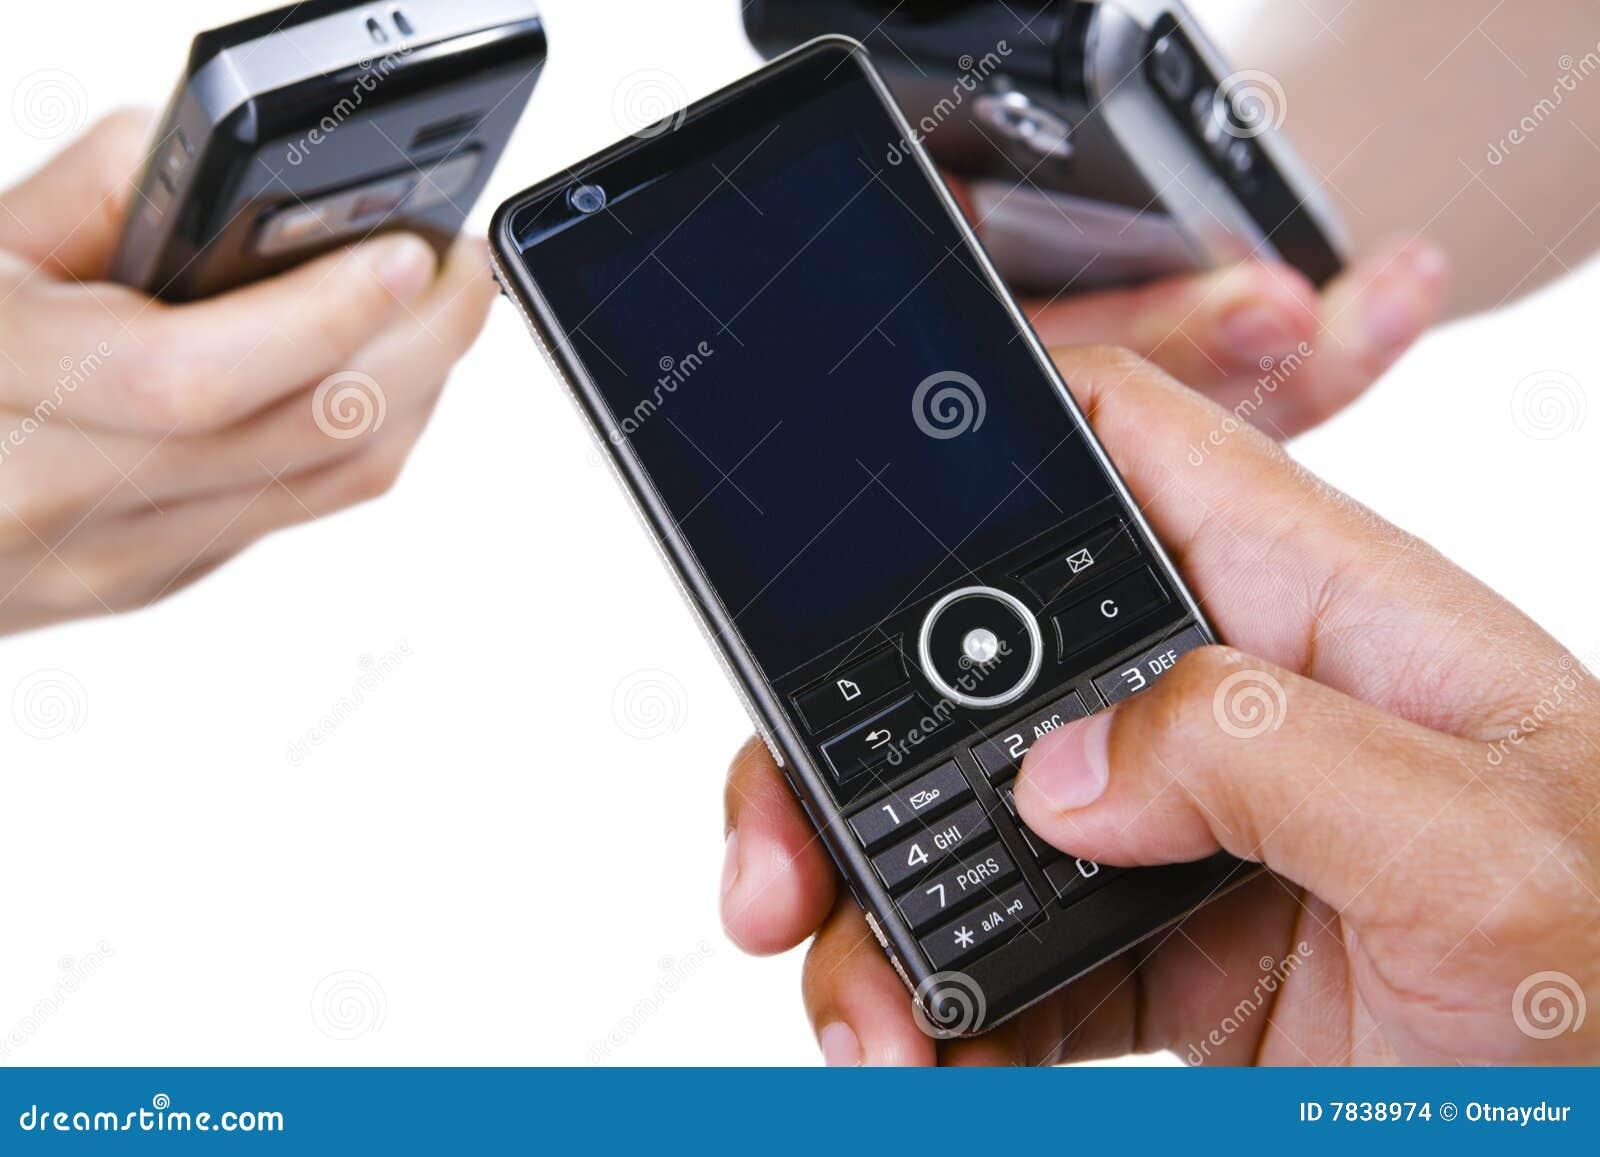 Reverse phone number lookup app iphone